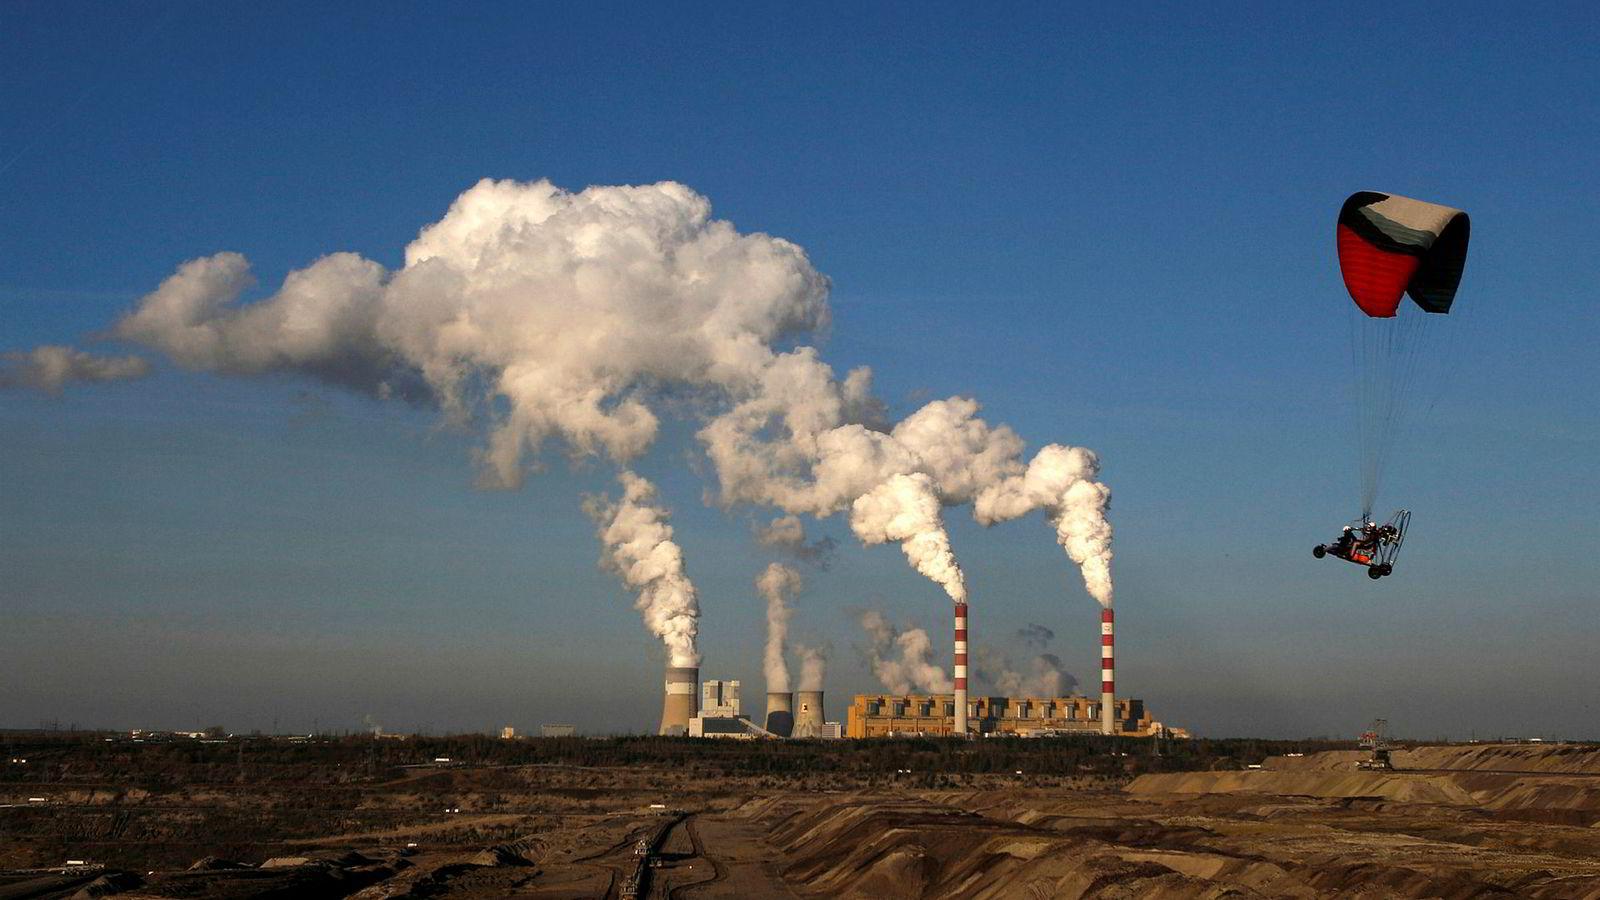 Når Polen produserer kull, må de kjøpe utslippskvoter fra andre produsenter, og disse må da redusere sine utslipp med tilsvarende mengde. Dette er dyrt og øker energiprisen, noe som i sin tur gjør det lønnsomt å bygge ut fjell og fosser selv uten opprinnelsesgarantier. Her fra Belchatóv kullkraftverk.